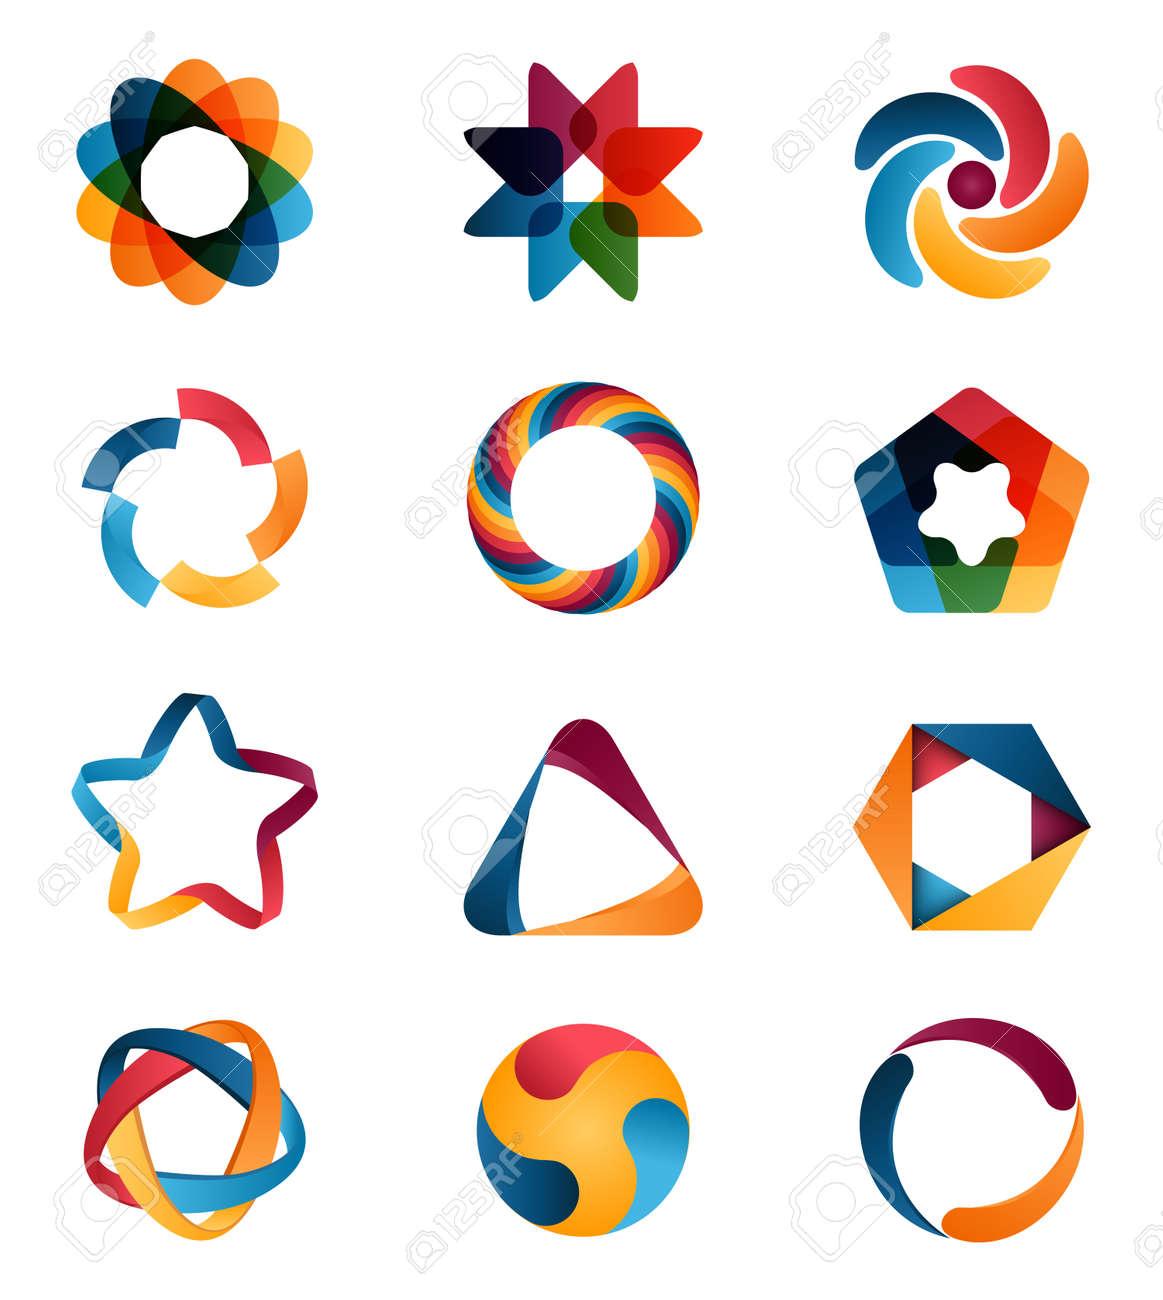 Logo-Vorlagen Eingestellt. Abstrakt Kreativ Kreis Zeichen Und ...